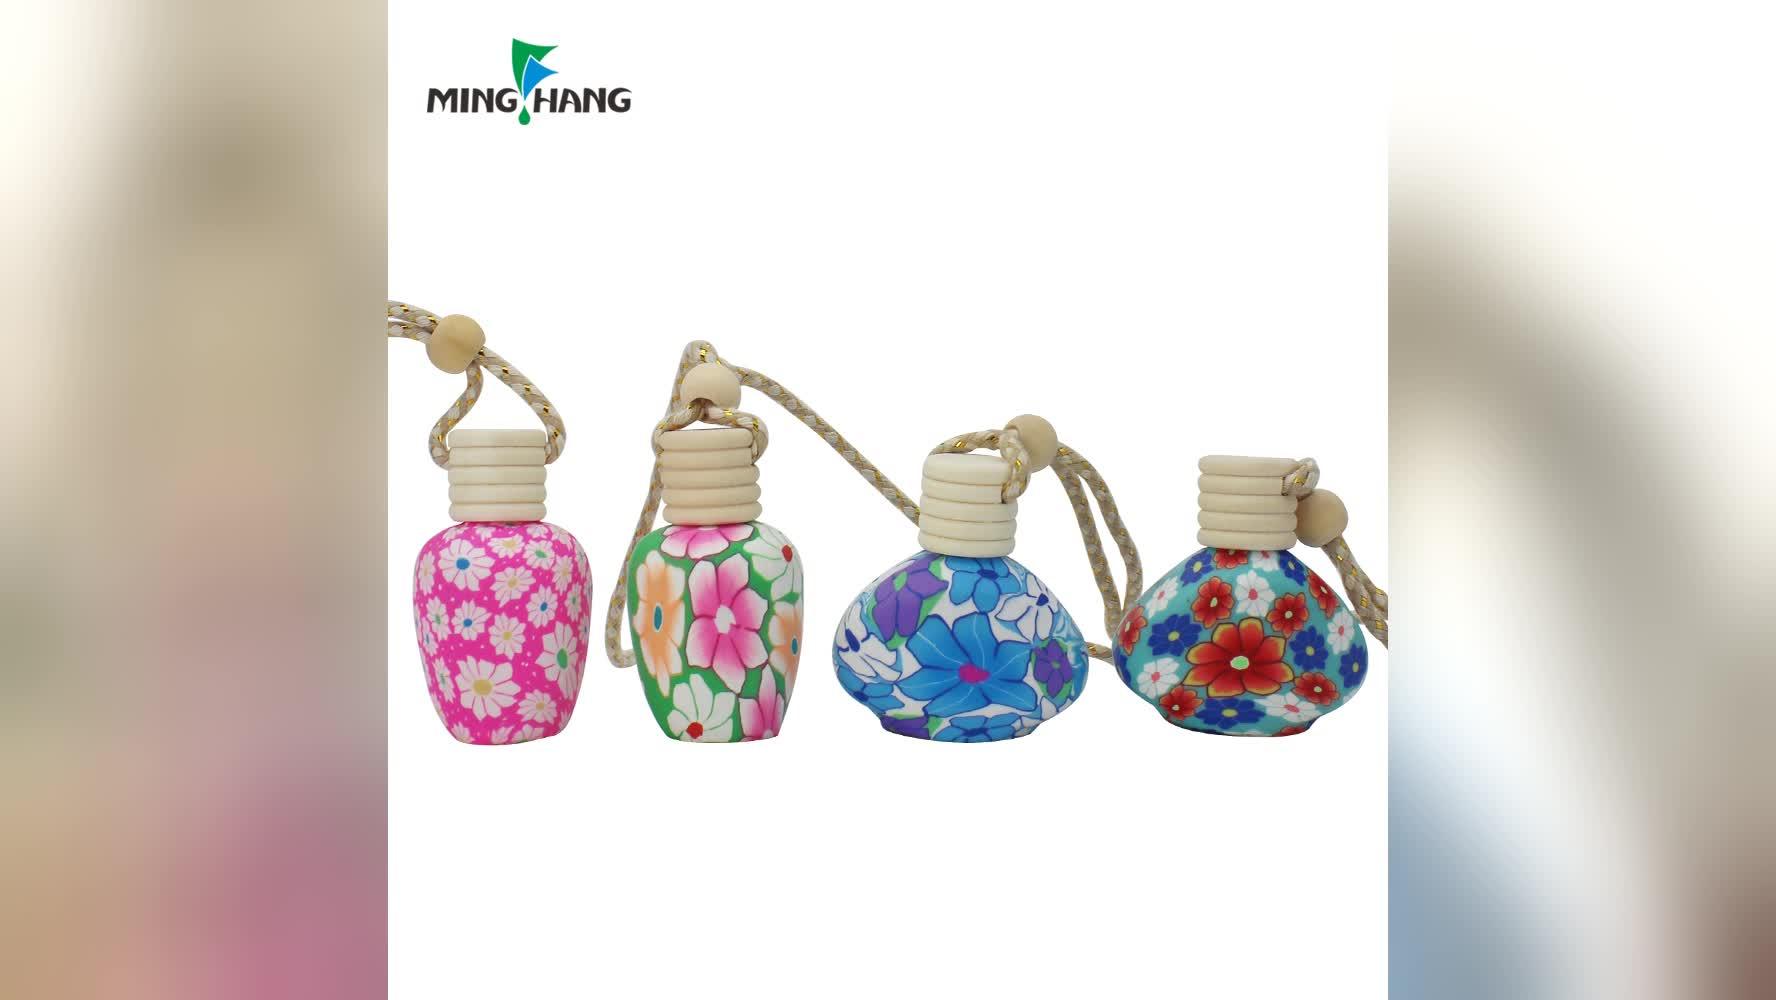 Auto Parfüm Glasflasche 10 ml Leere Hängen Parfüm Flasche für Ätherische Öle Diffusor mit Holz Kappen